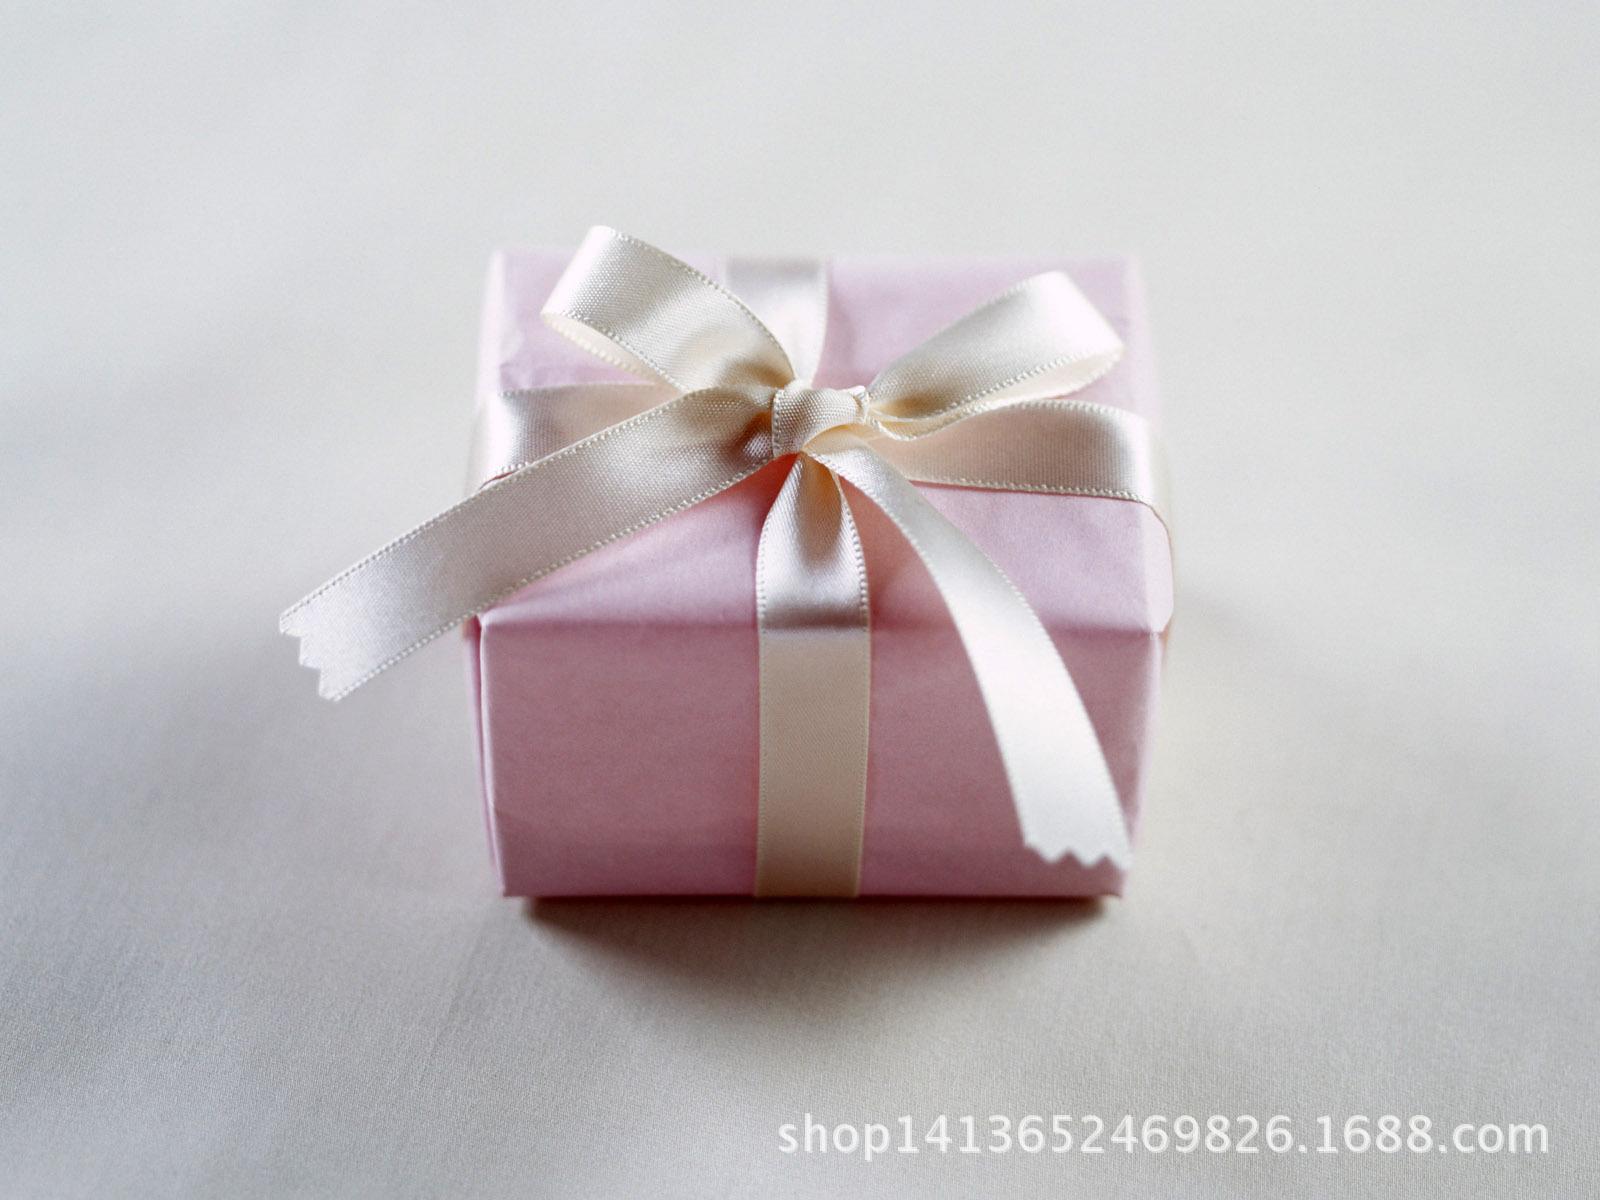 礼盒包装盒小彩盒饰品包装戒指包装盒